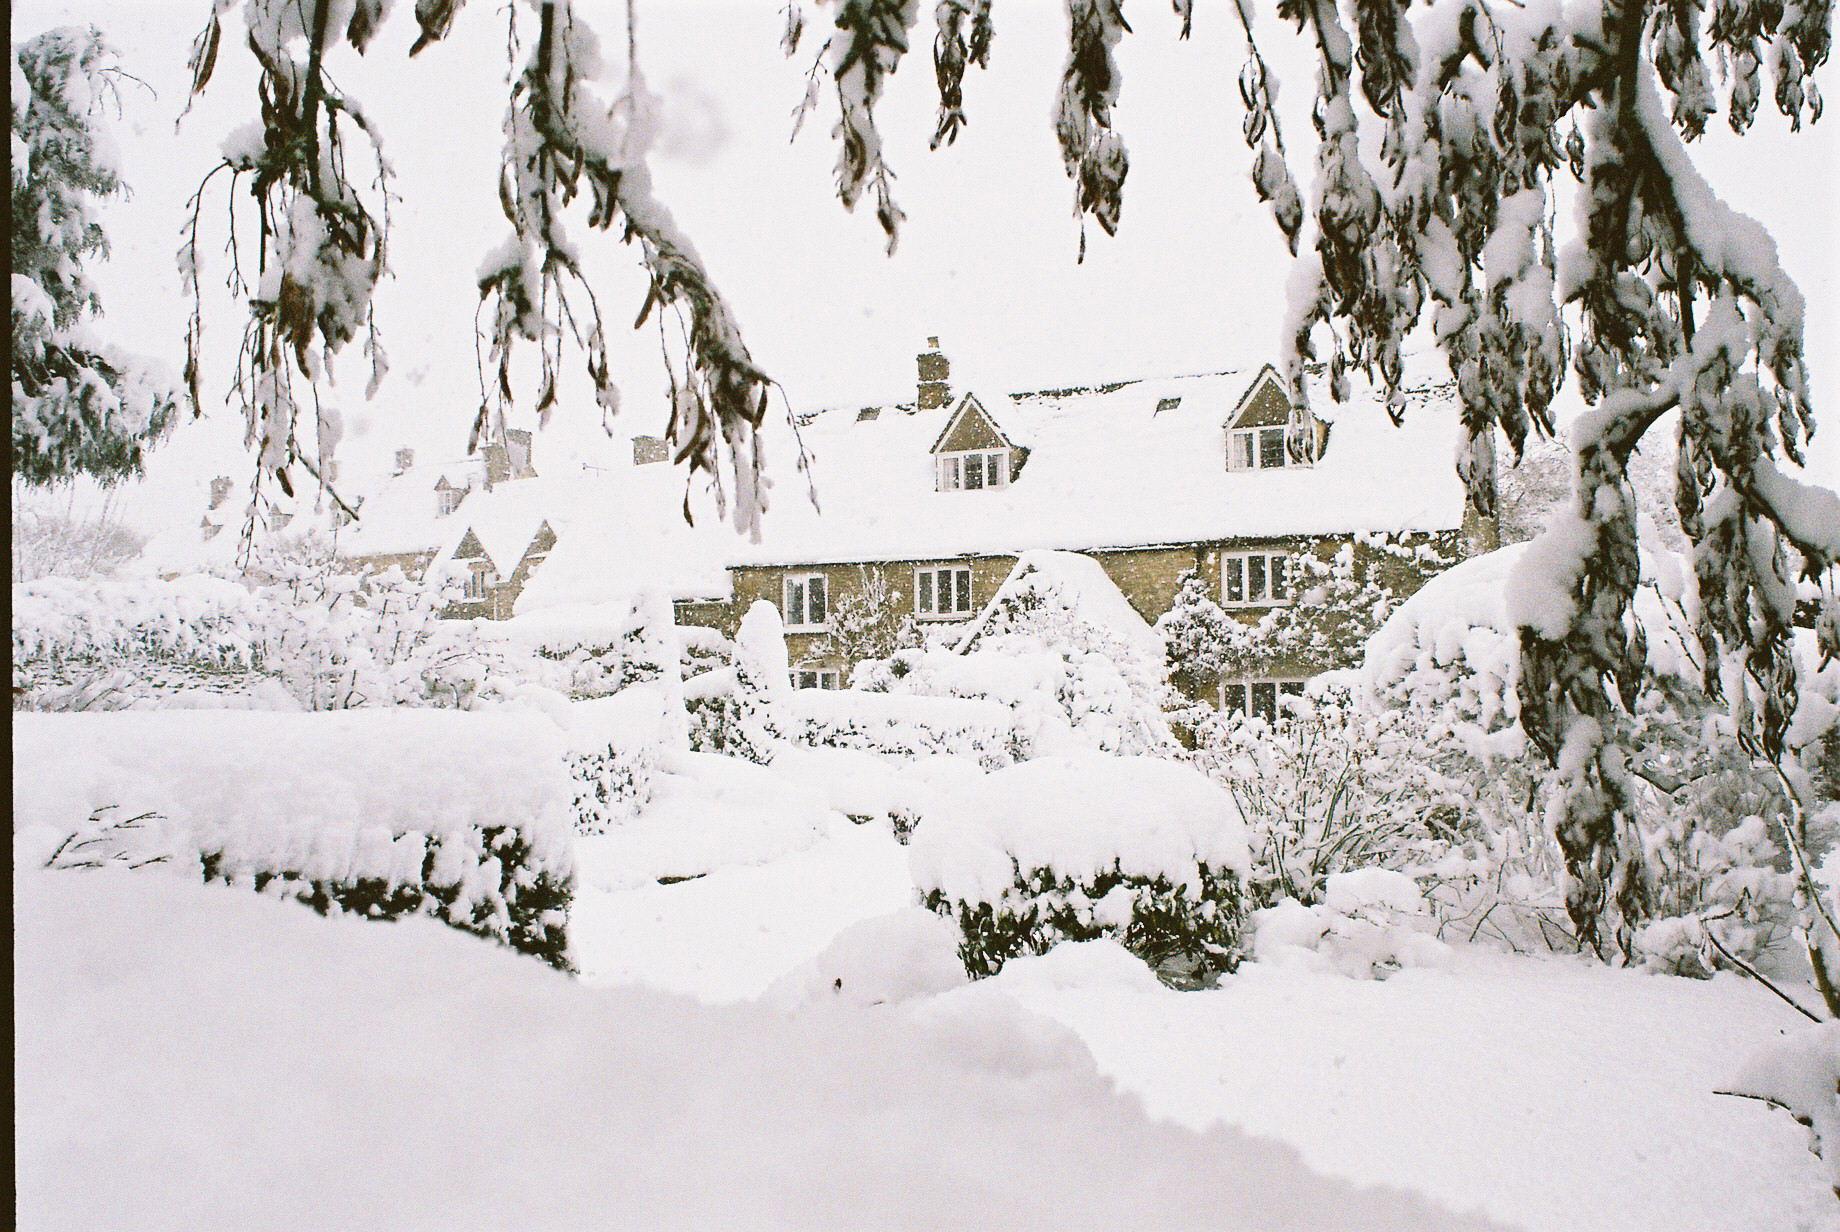 Winter Scenes Gallery | Wren House